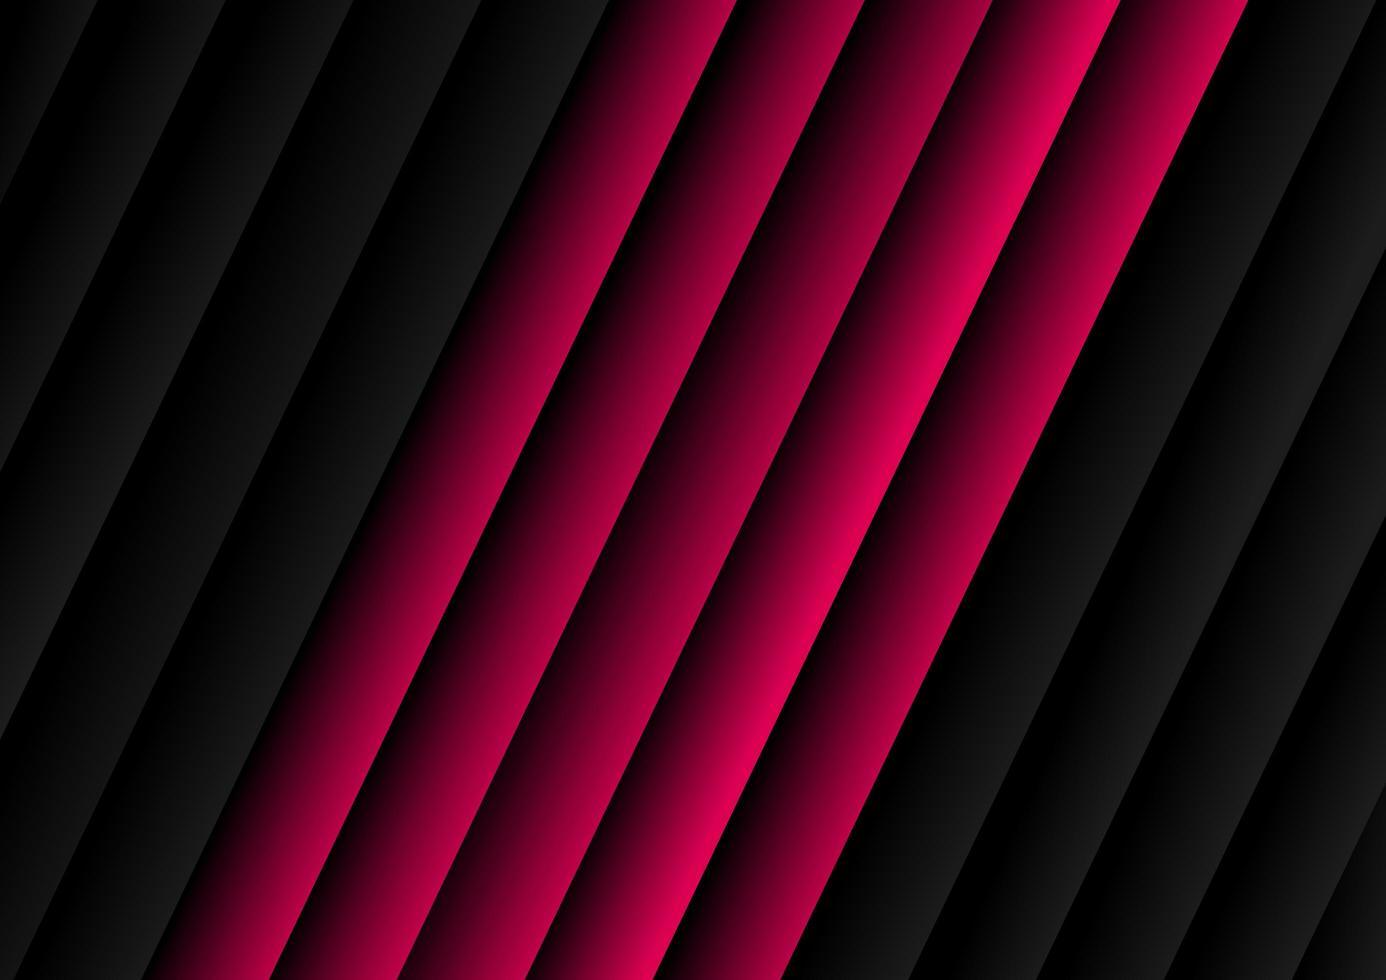 modello diagonale astratto nero e rosa motivo a strisce vettore